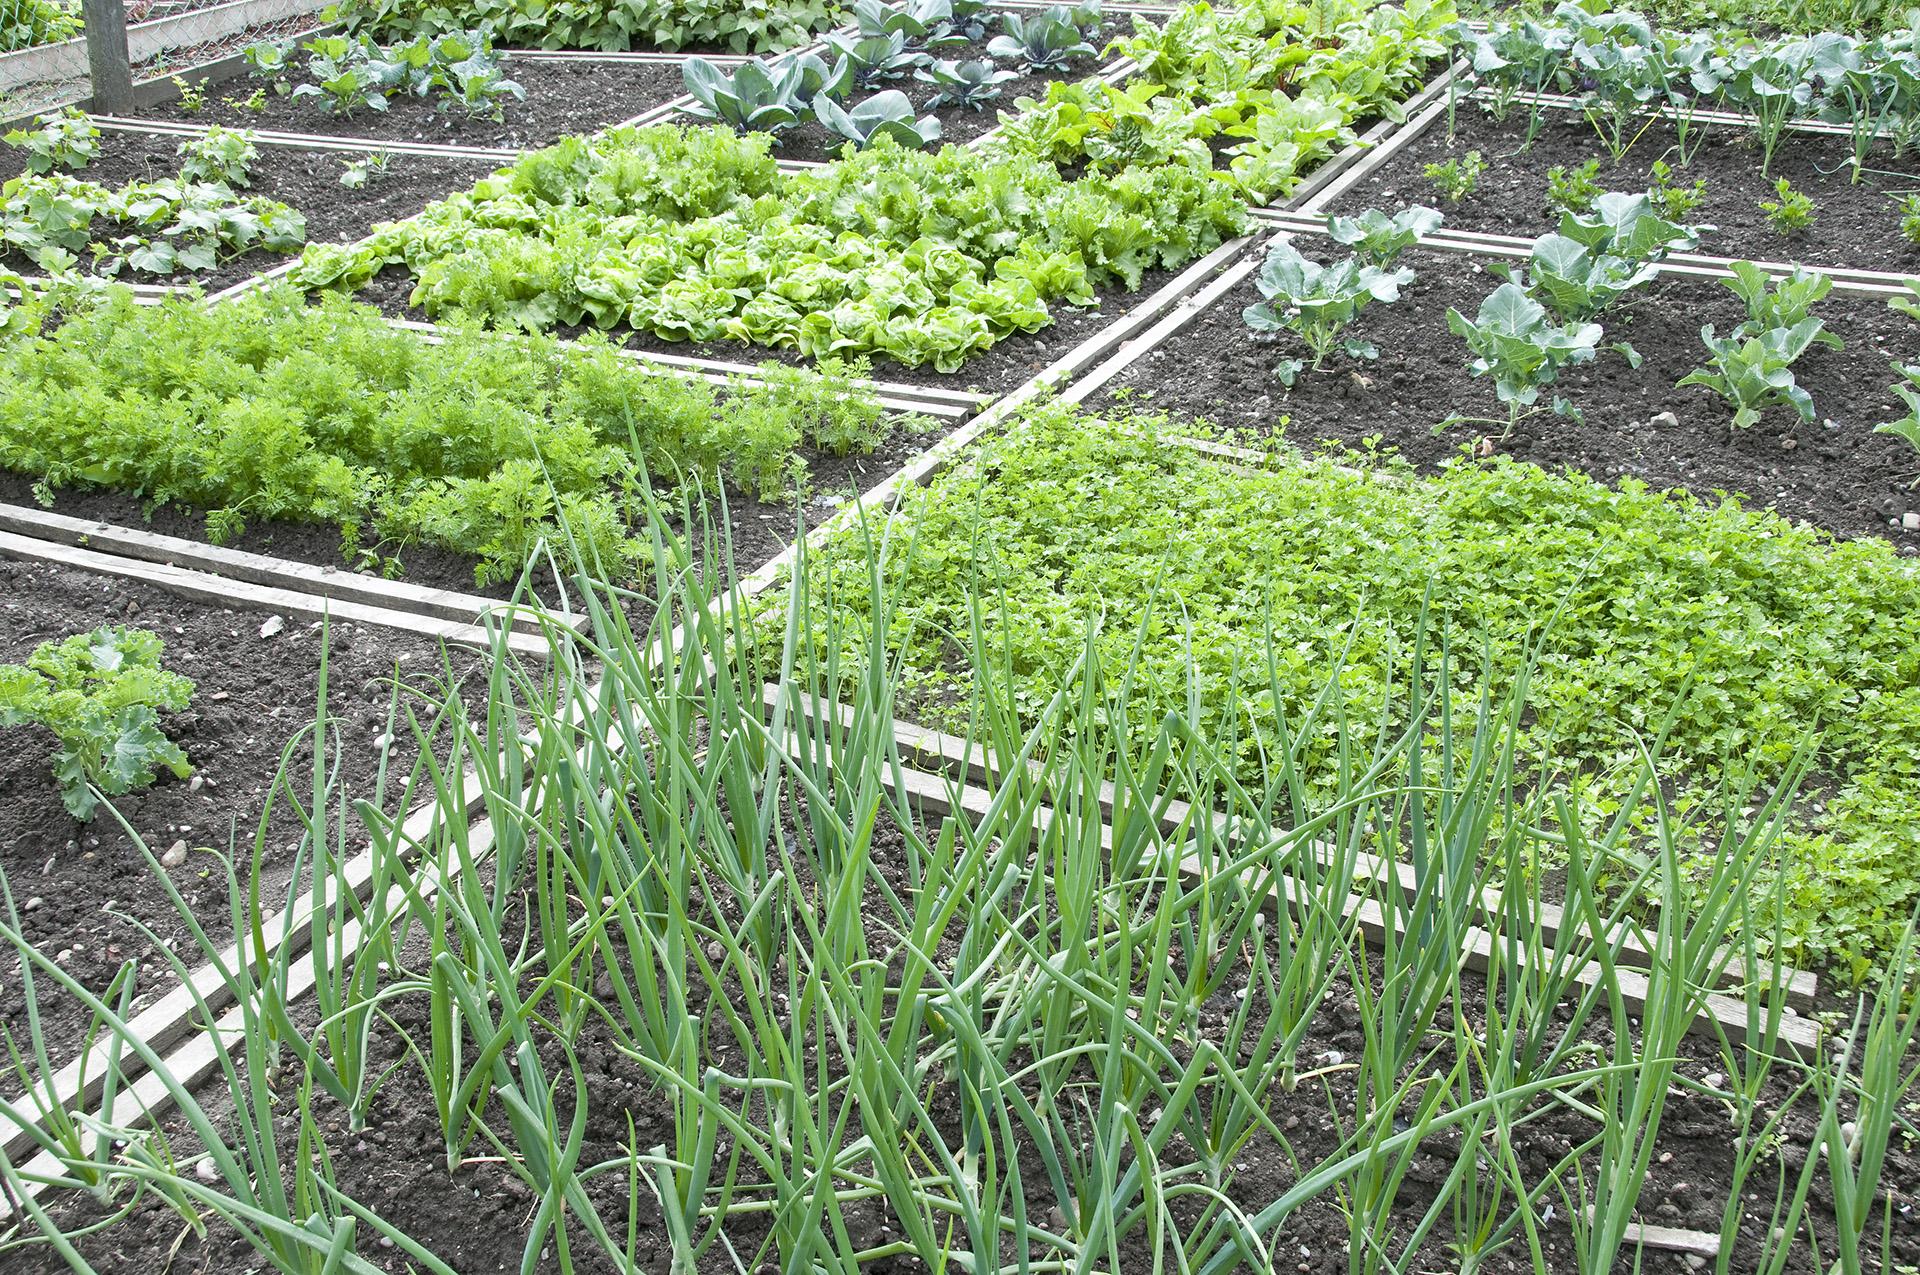 Соседство овощей на грядках: что с чем можно сажать 54